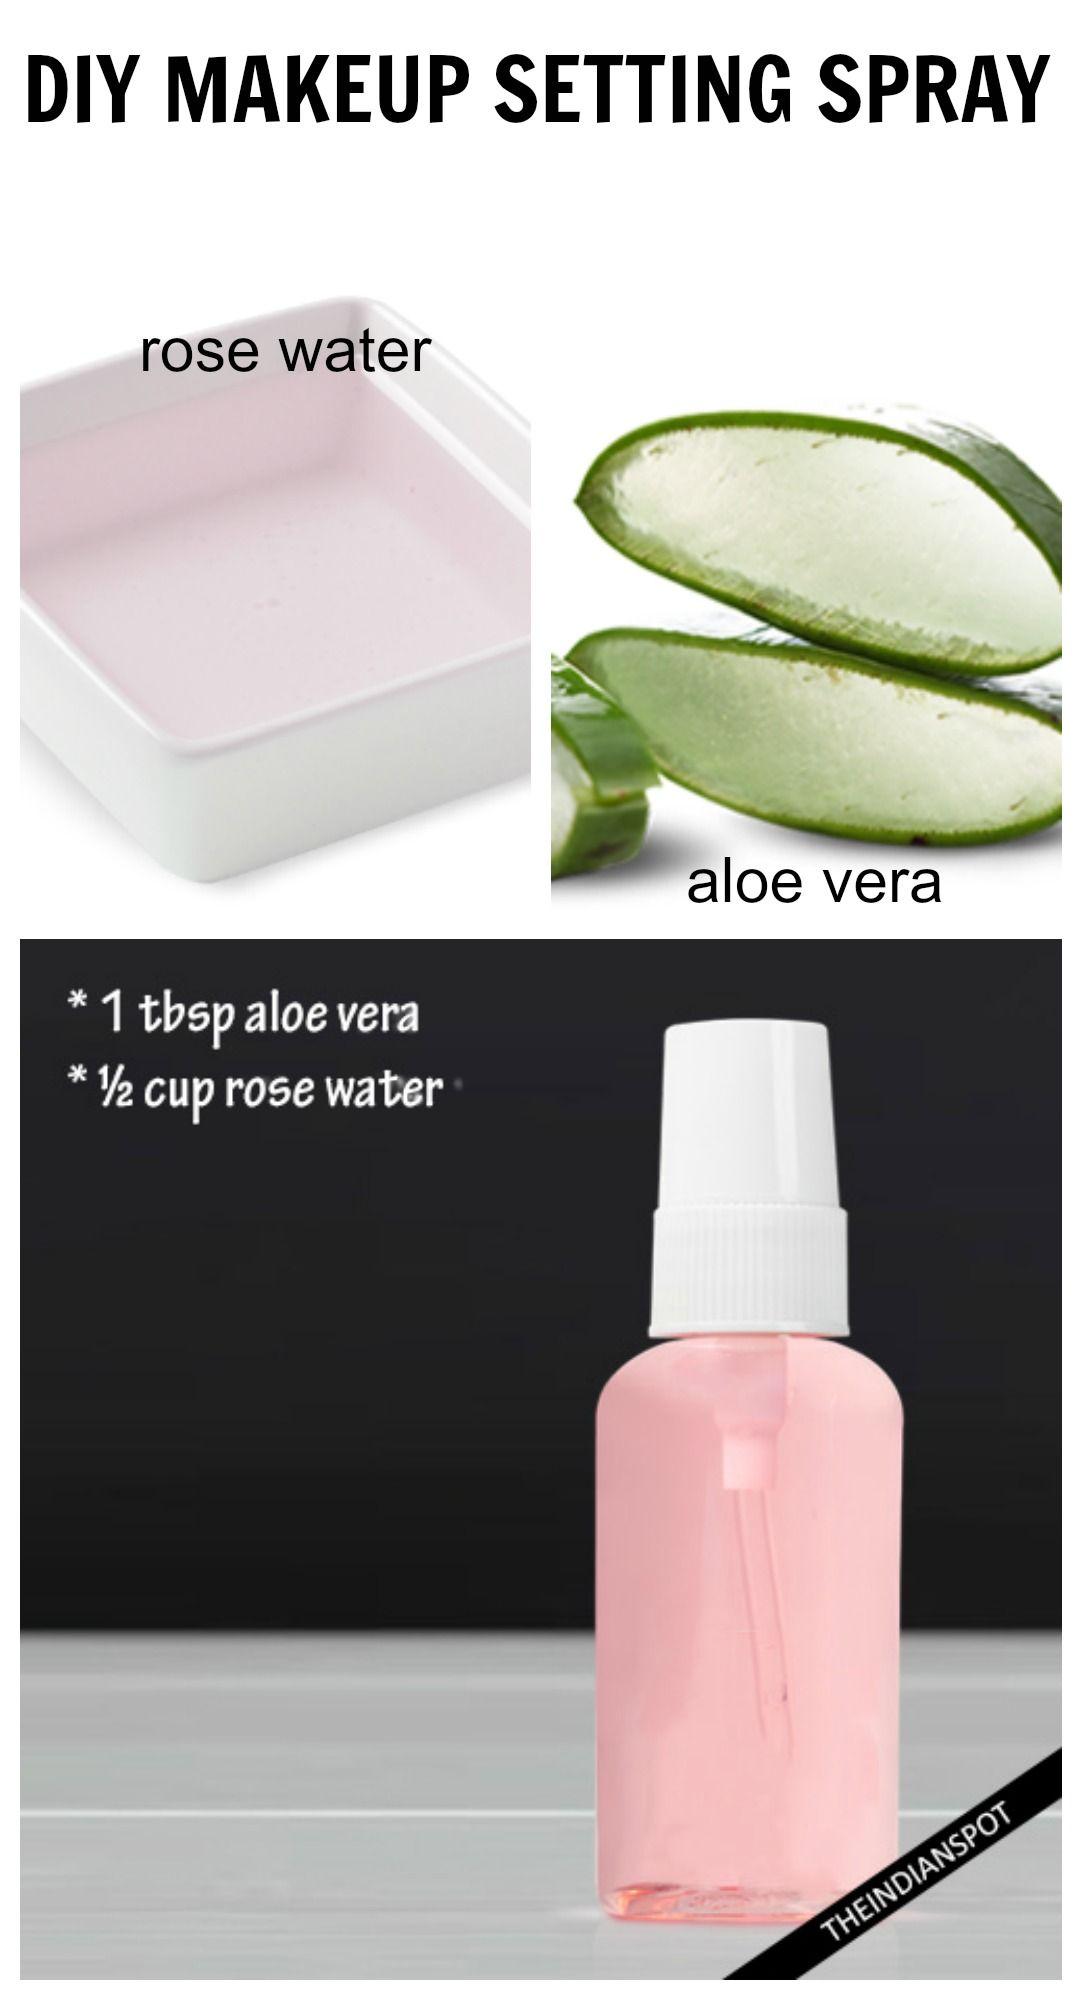 Home recipes for facial sprays